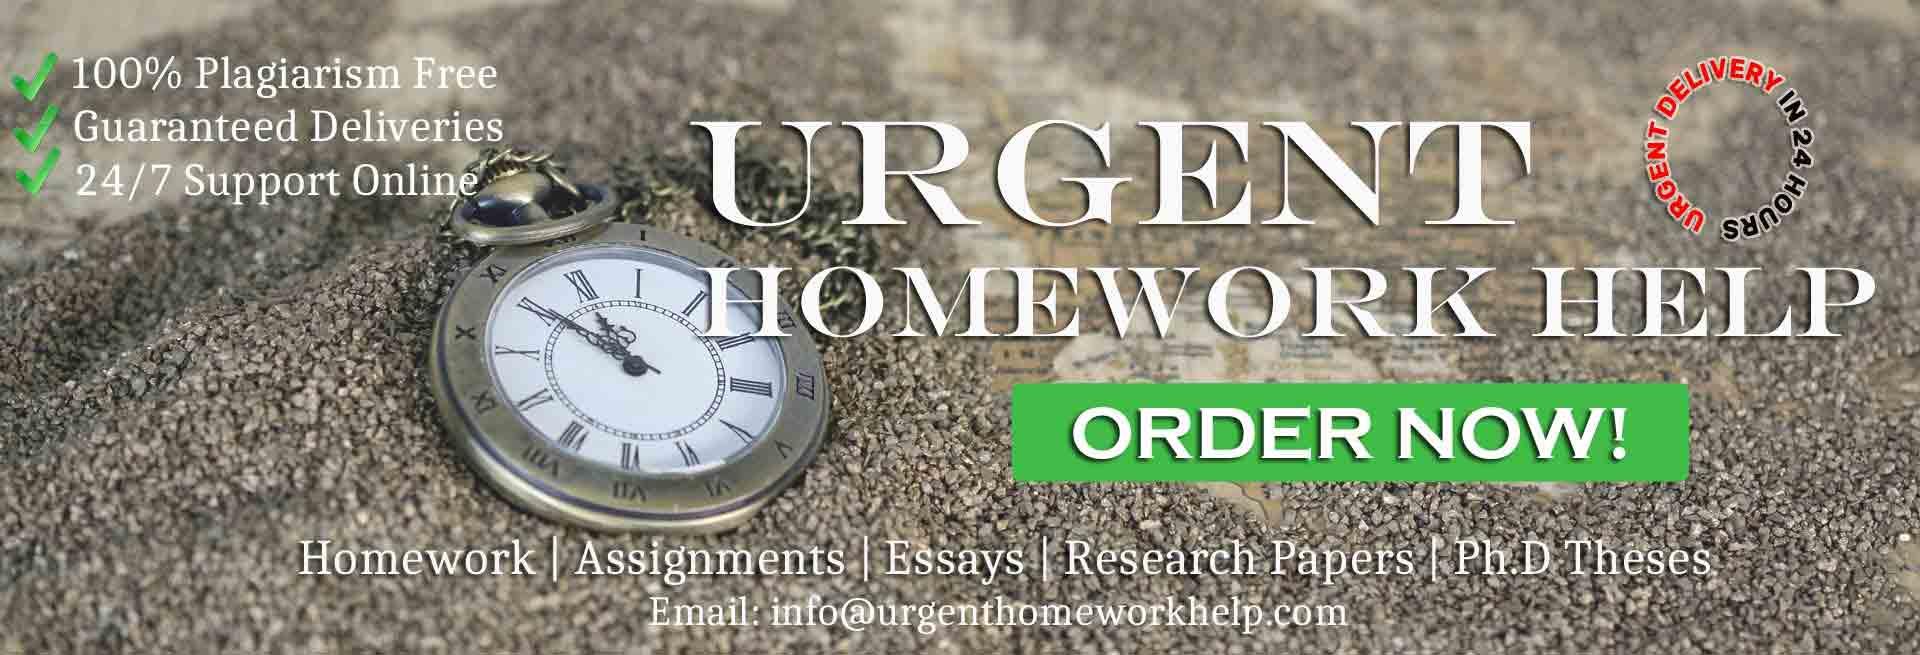 best homework help website UK